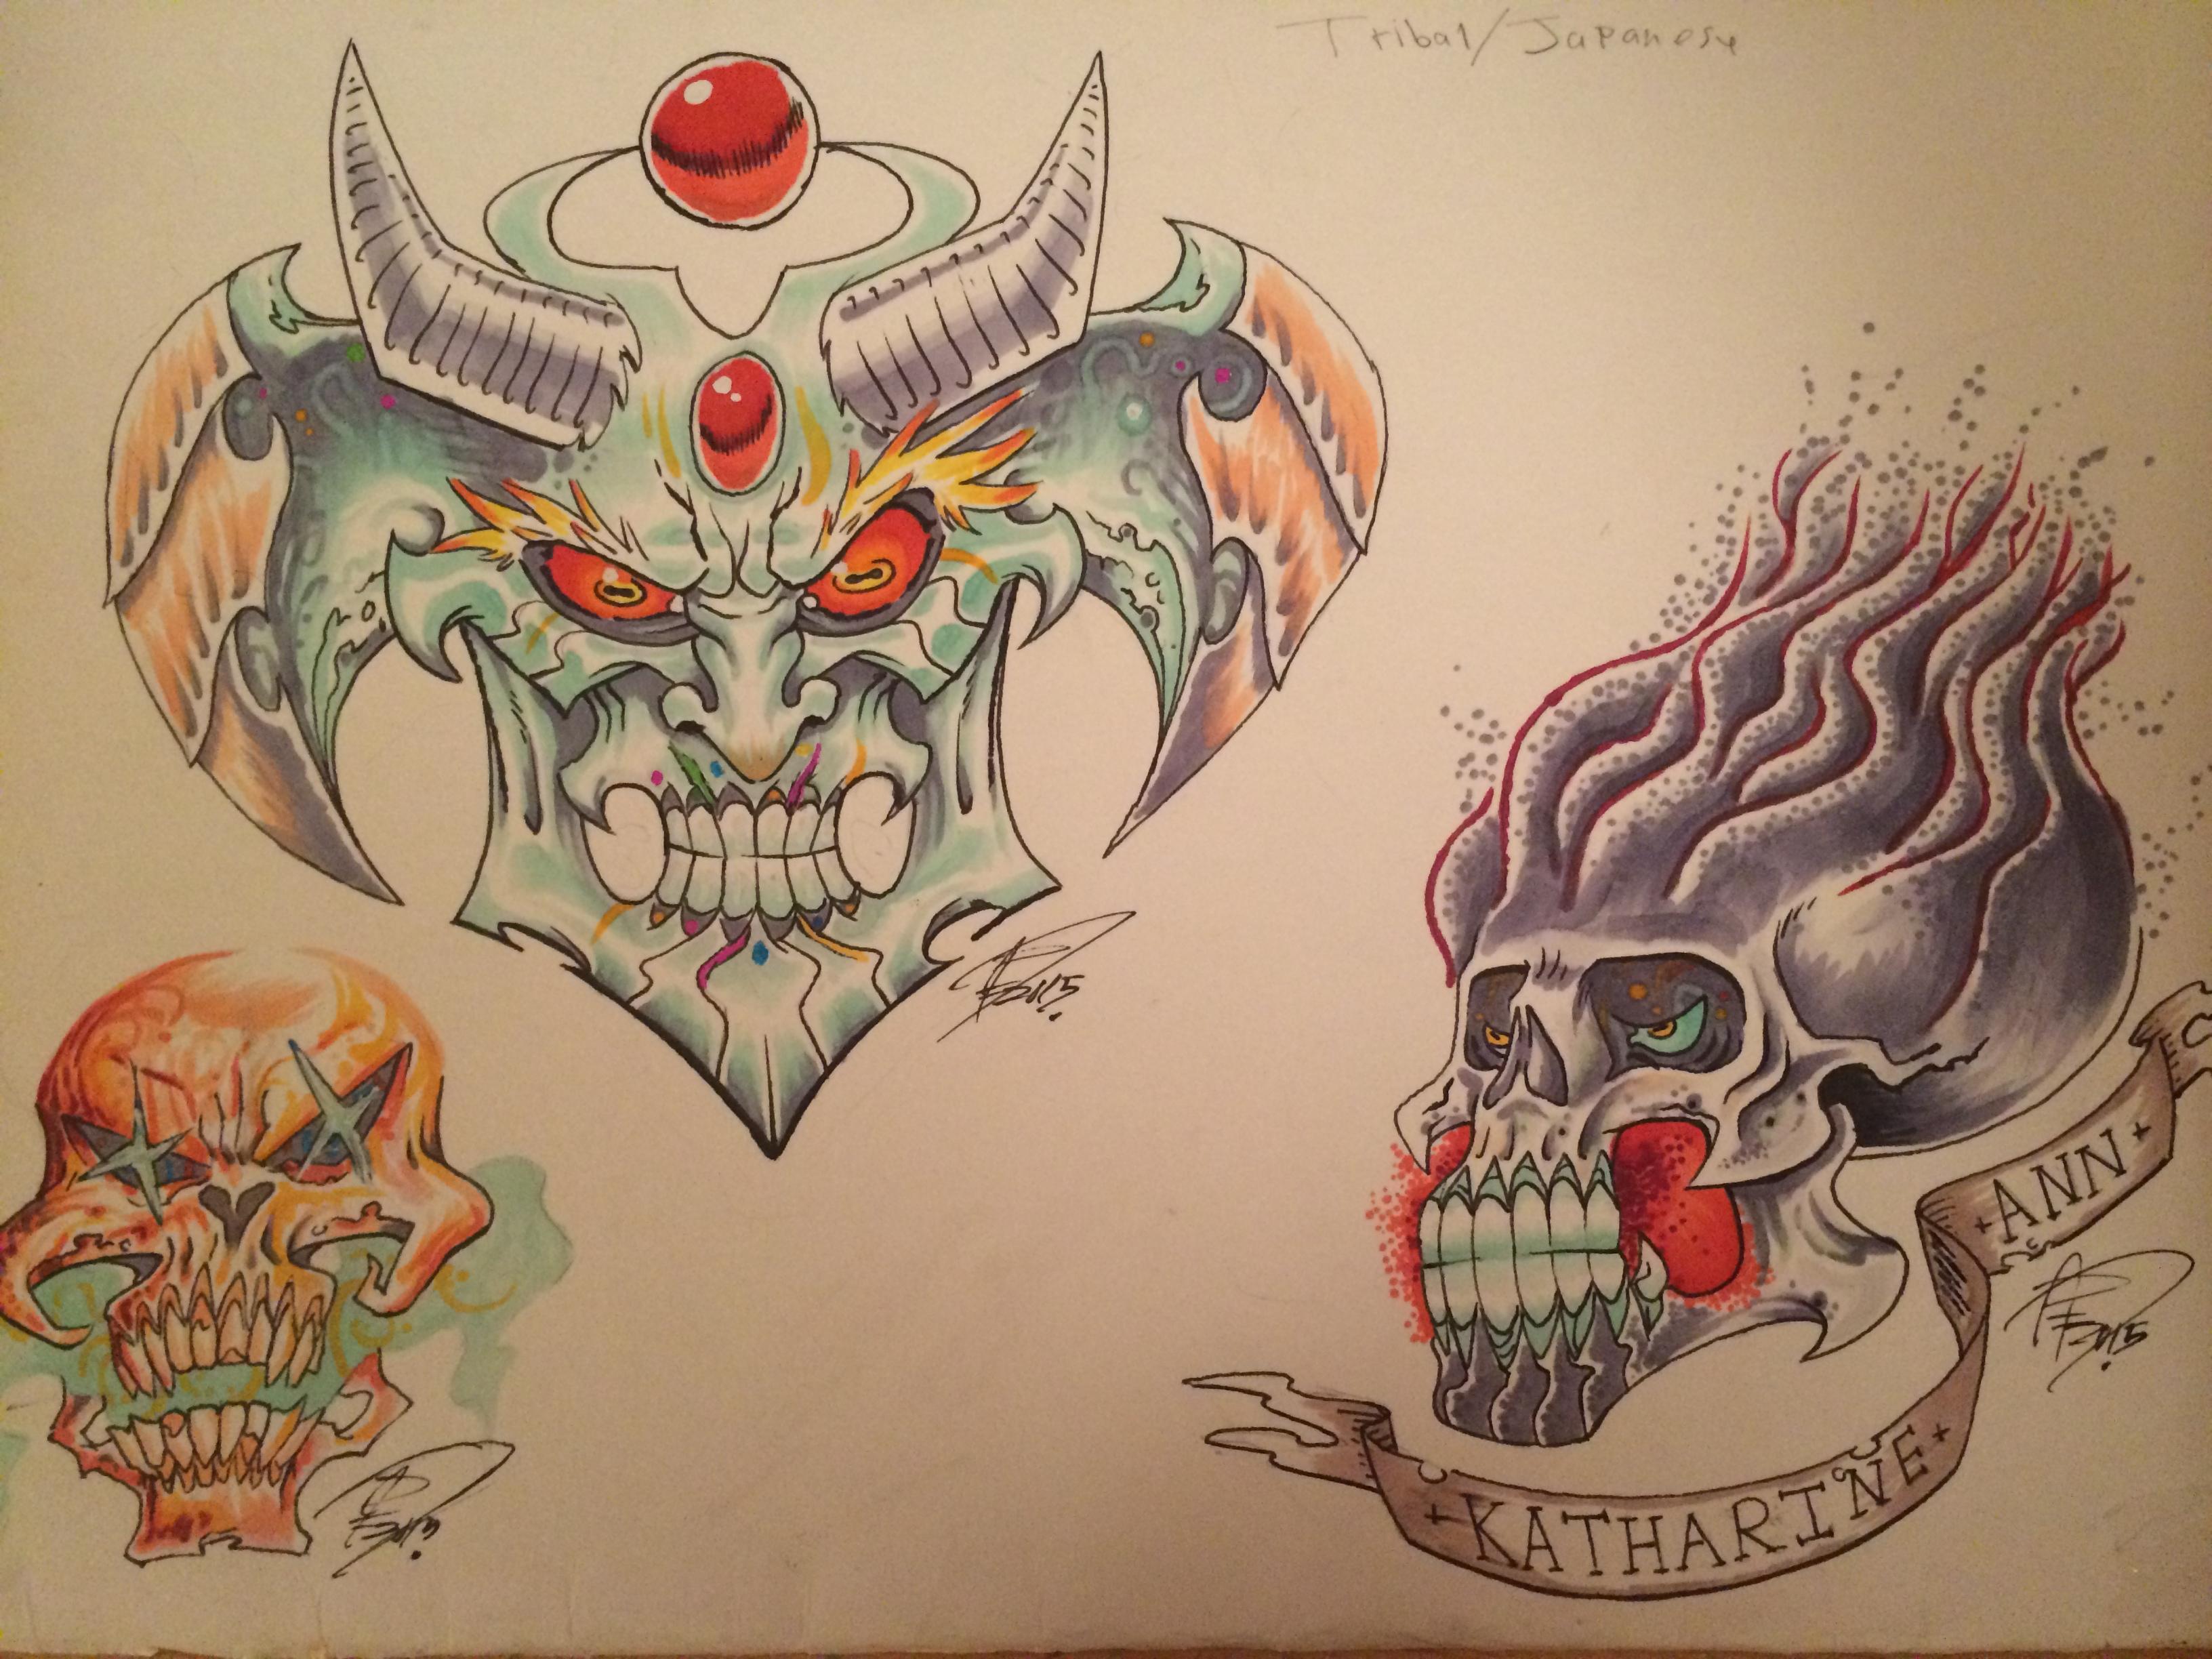 Grillhou5e tattoos